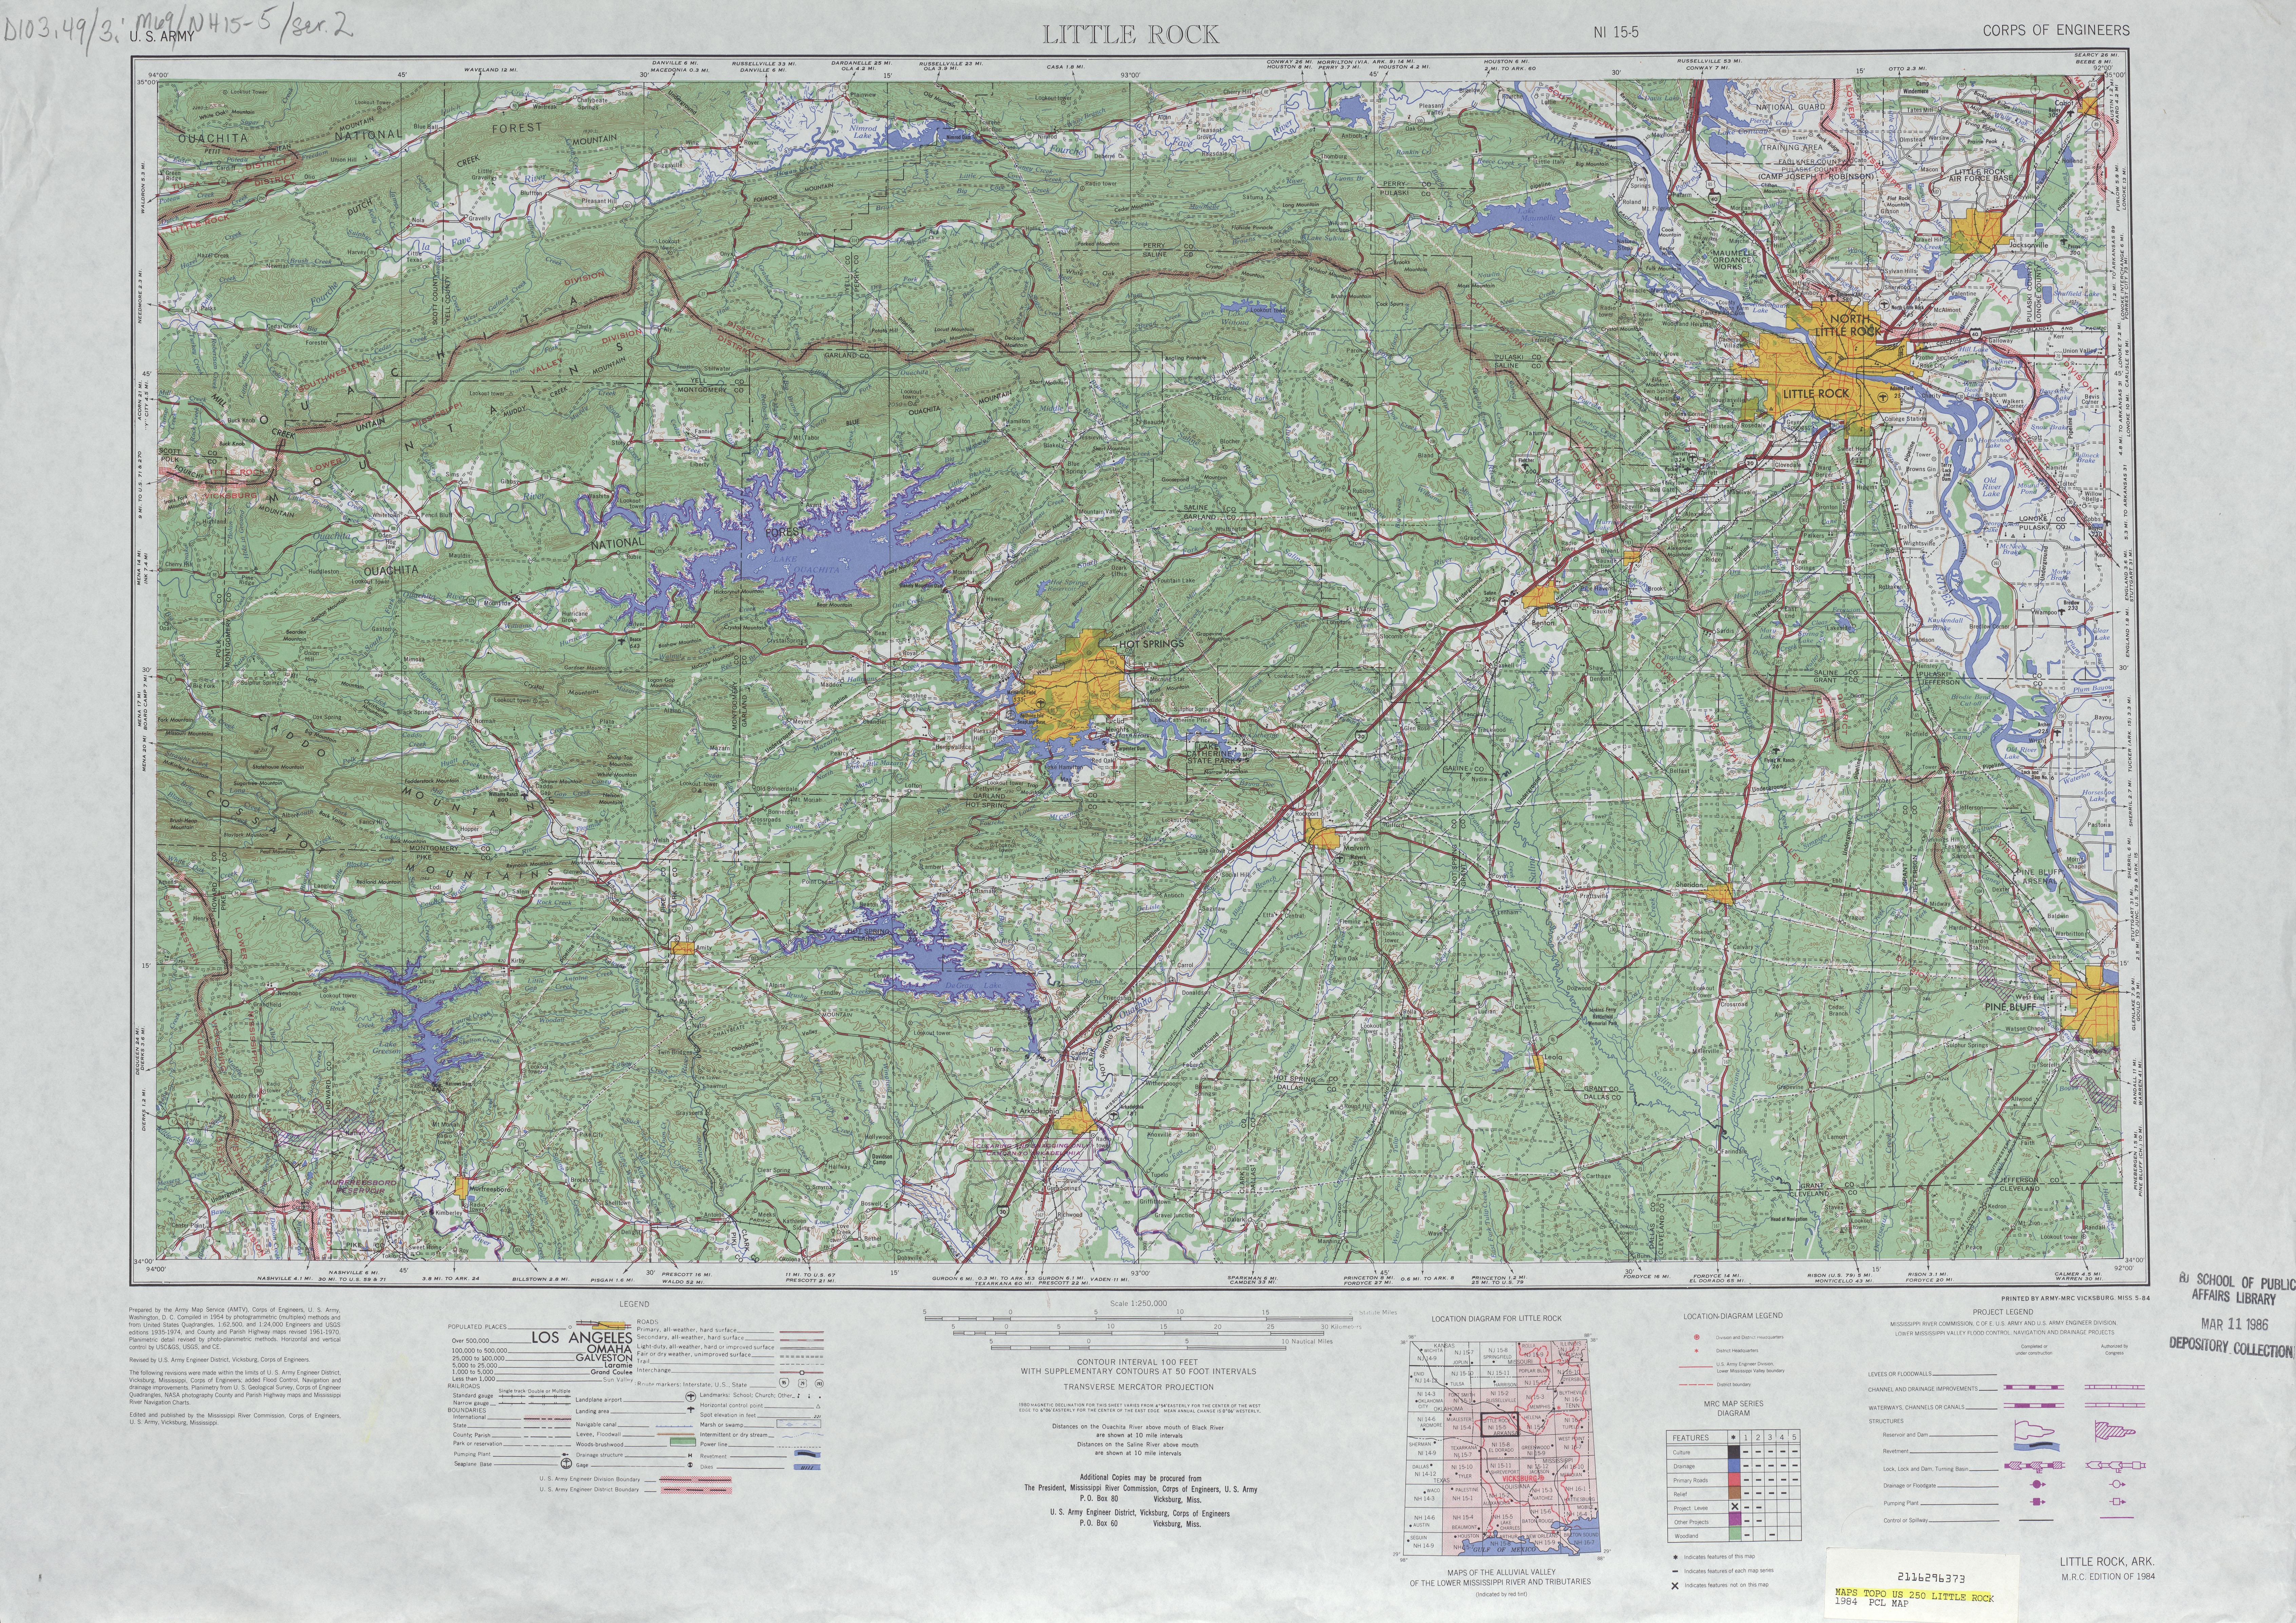 Hoja Little Rock del Mapa Topográfico de los Estados Unidos 1984